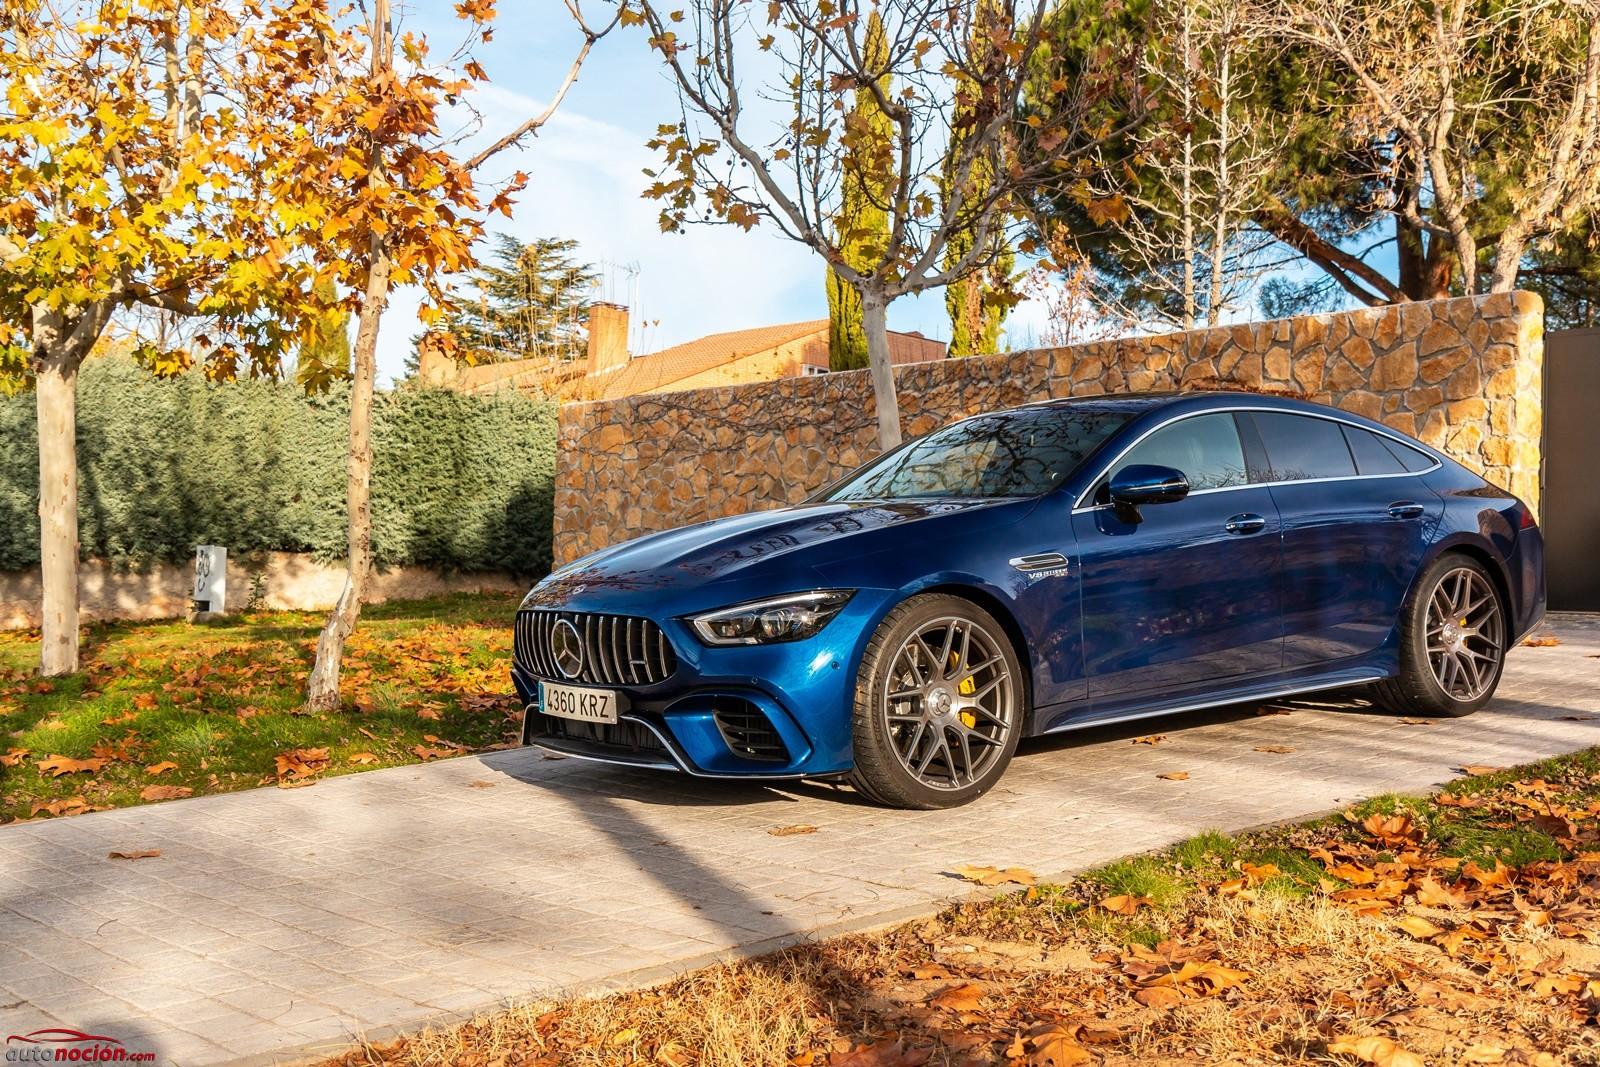 Mercedes Benz Amg Gt >> Opinión y prueba Mercedes-AMG GT 63 S 4 puertas 639 CV 2018